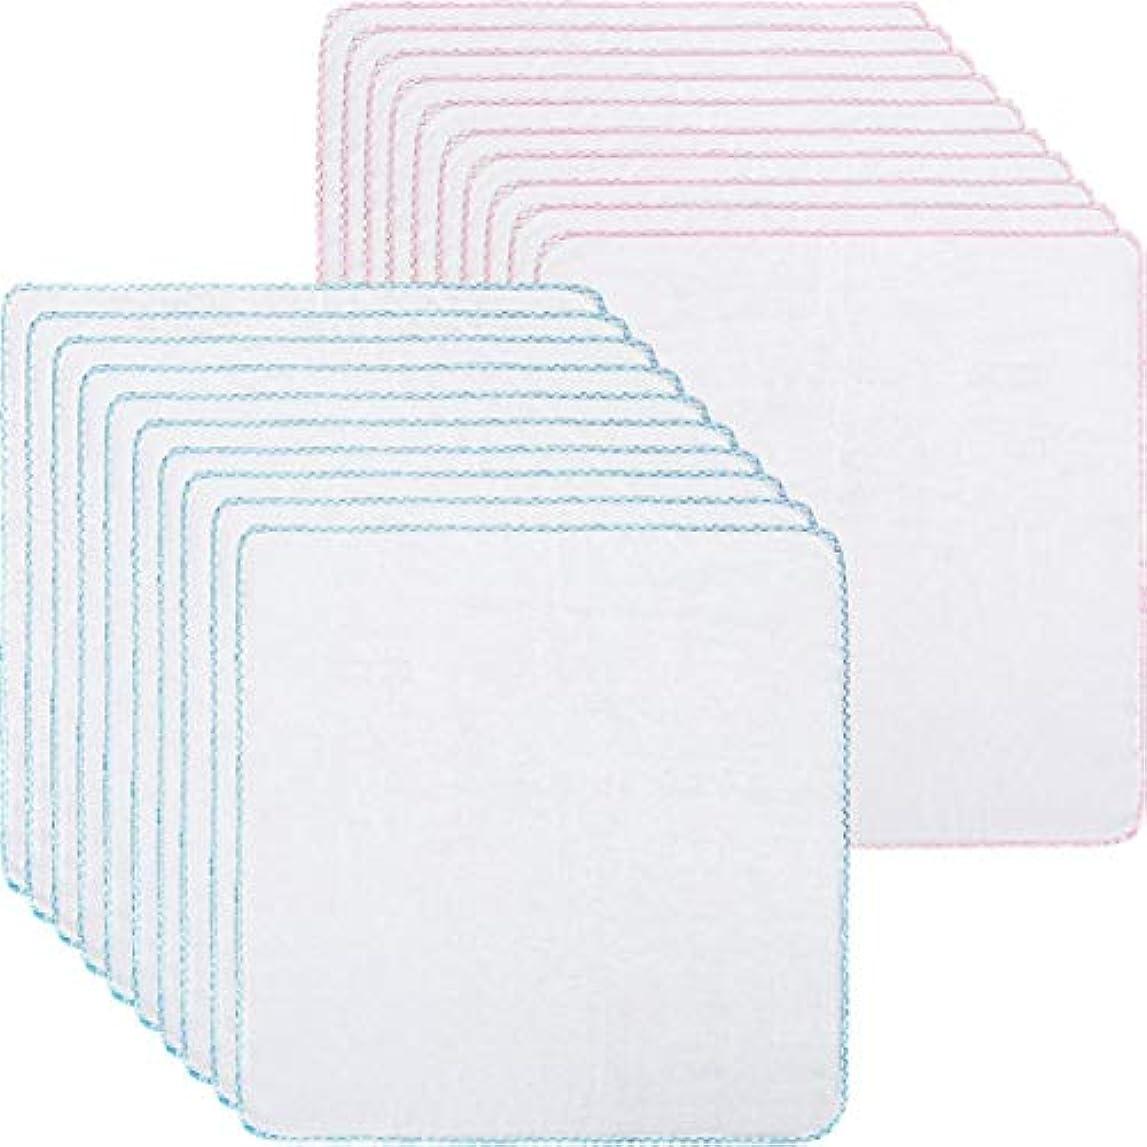 何か溶ける社会科Yoshilimen 洗練された20個のピュアコットンフェイシャルクレンジングモスリンクロスソフトフェイシャルクレンジングメイクリムーバー布、青とピンク